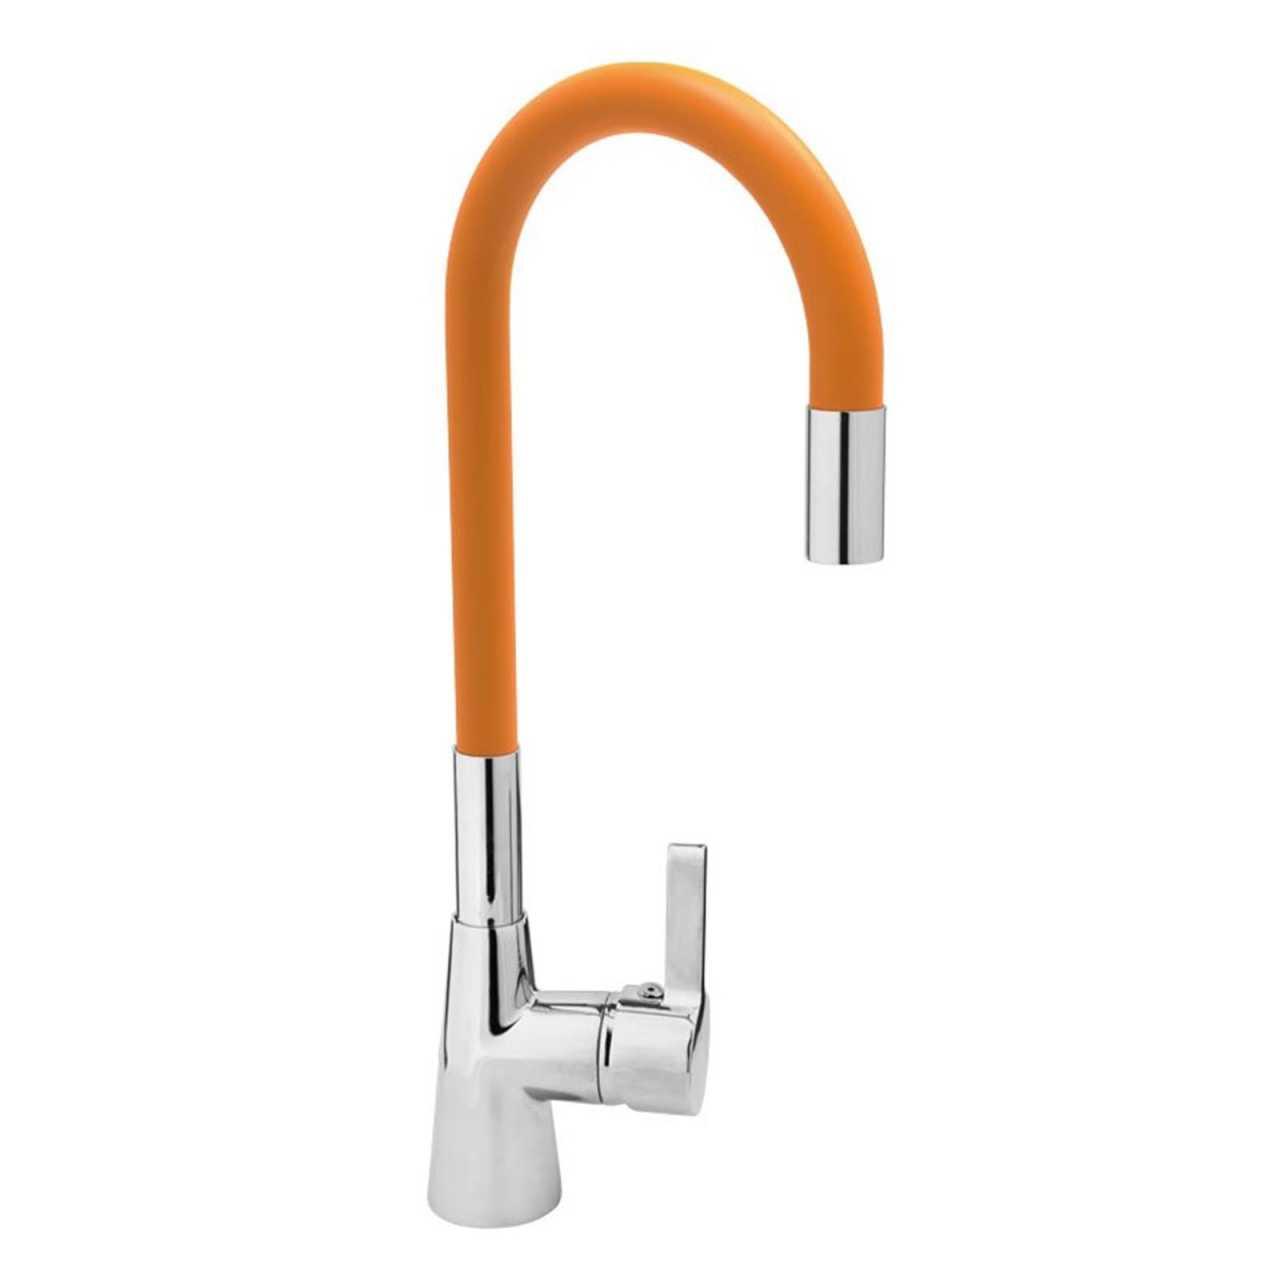 Spültisch Einhebel Küchenarmatur flexibel in orange Wasserhahn